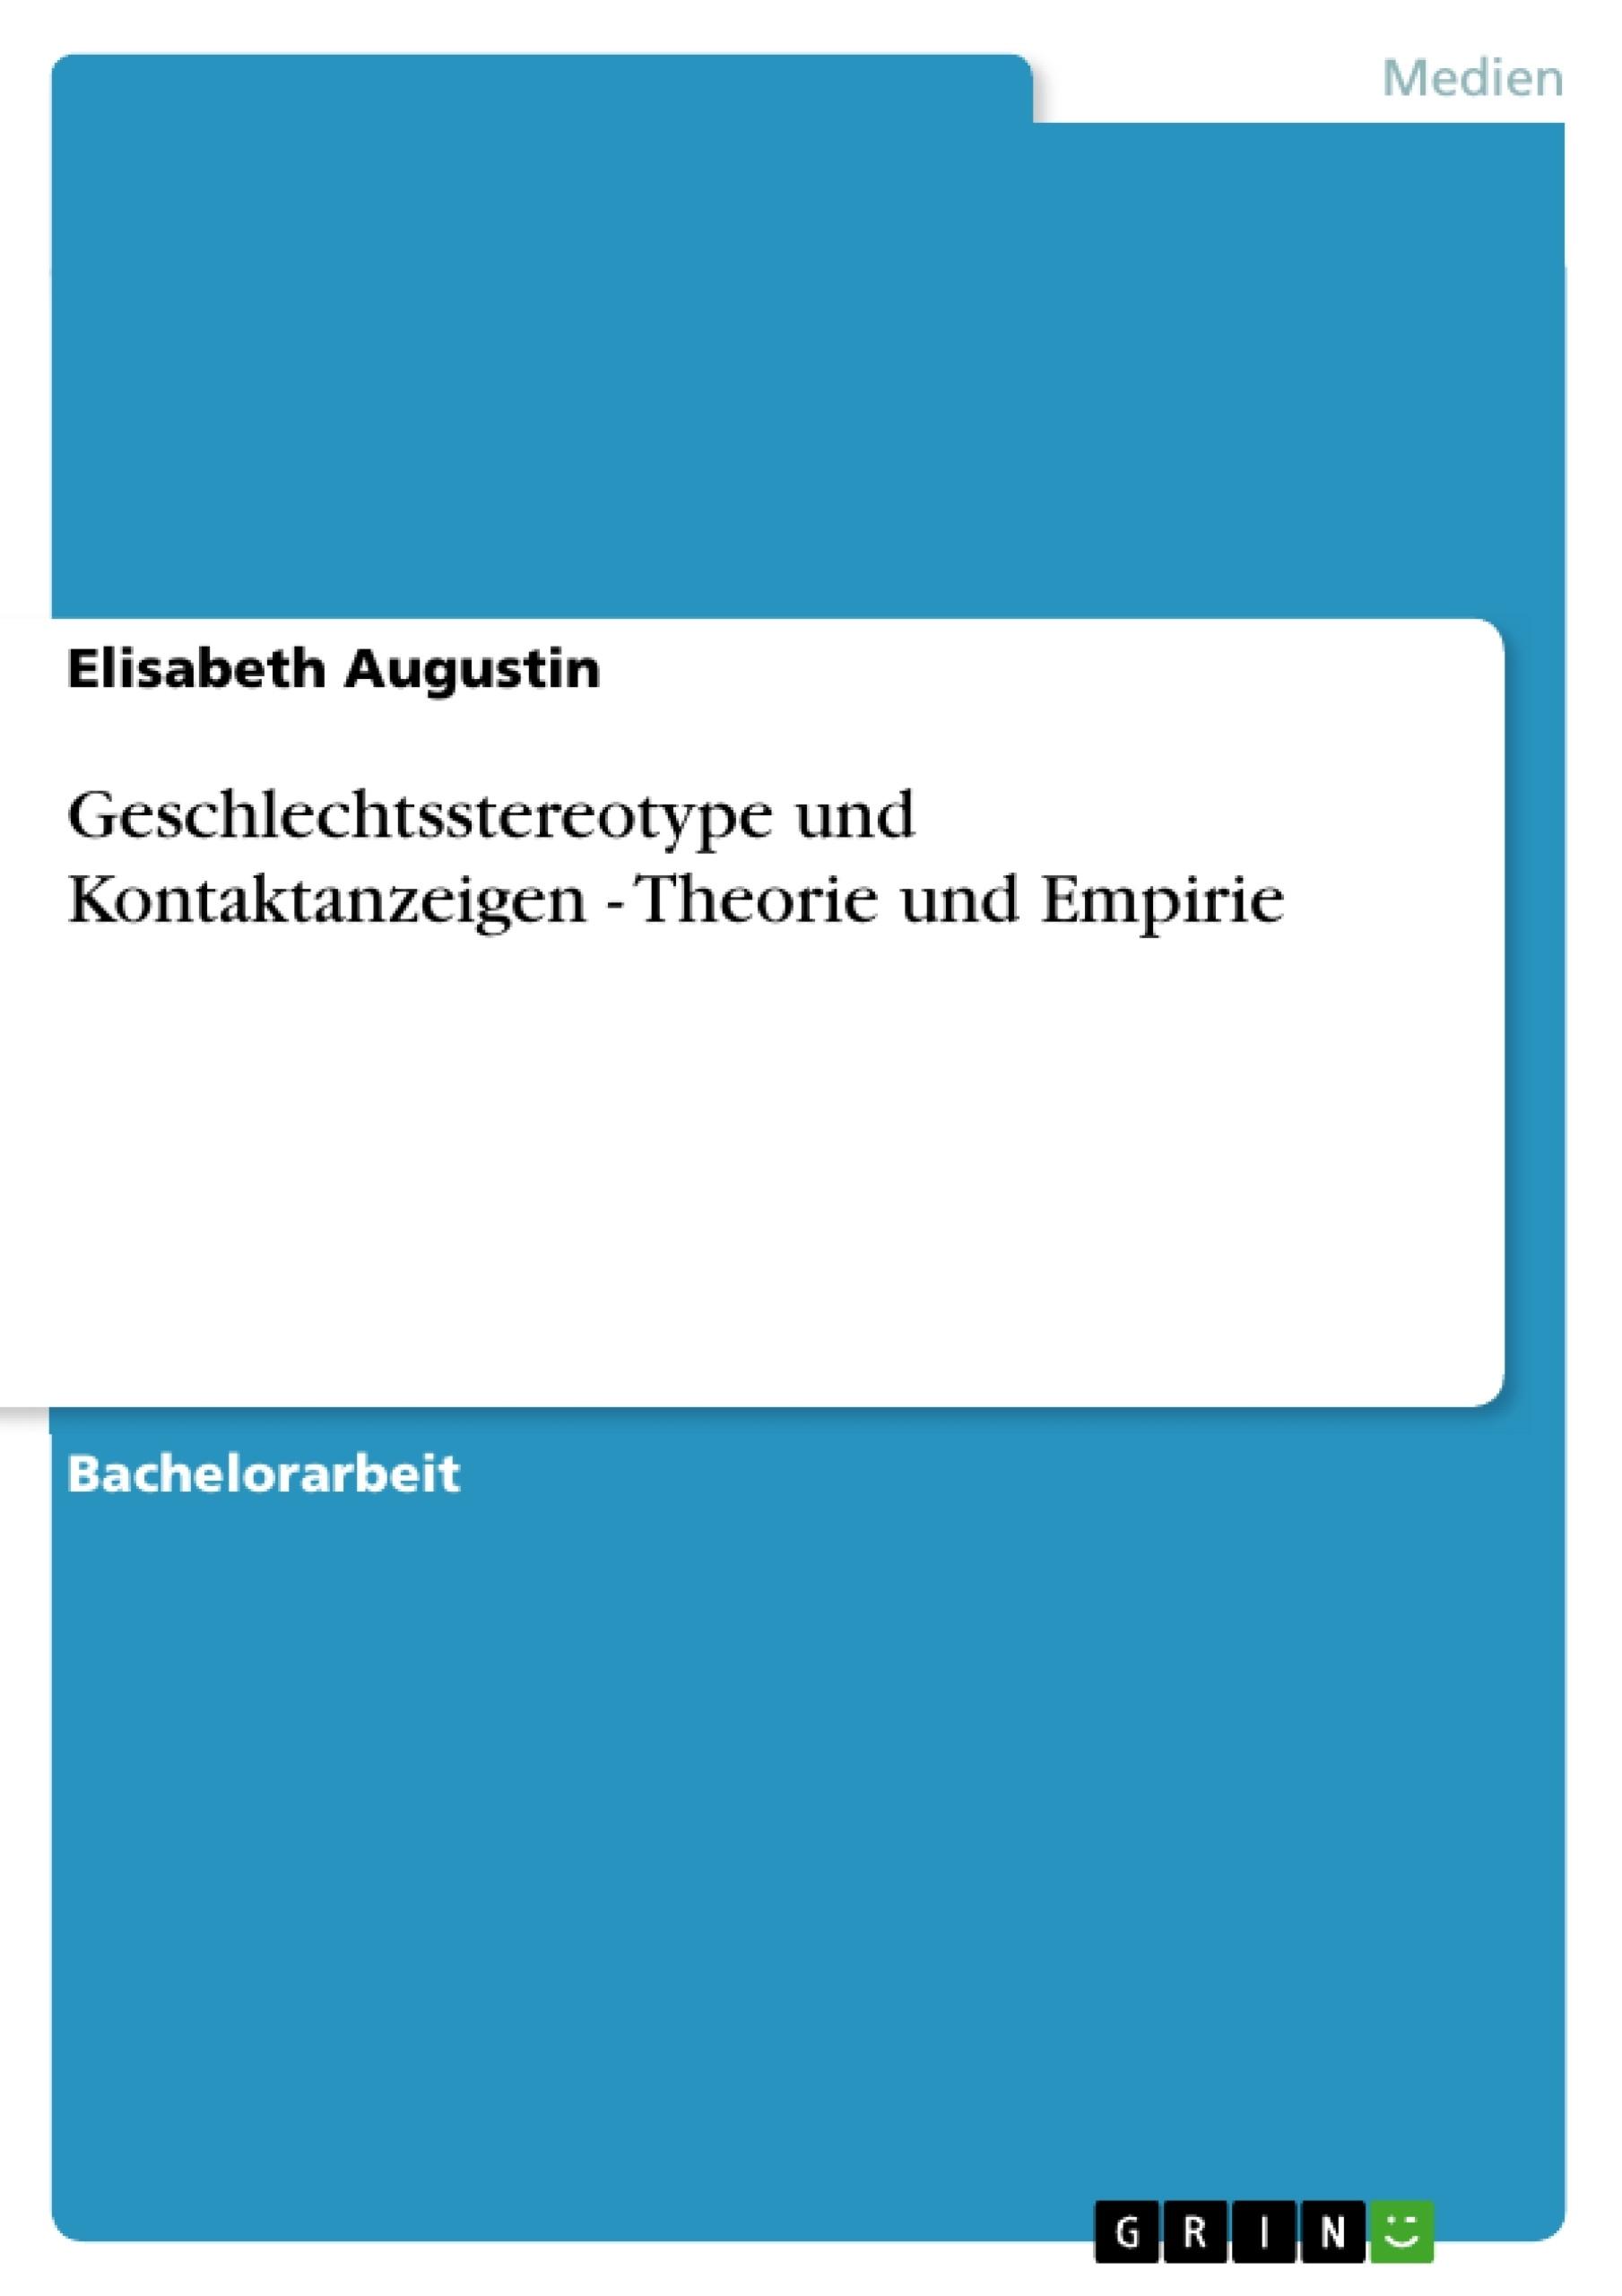 Titel: Geschlechtsstereotype und Kontaktanzeigen - Theorie und Empirie